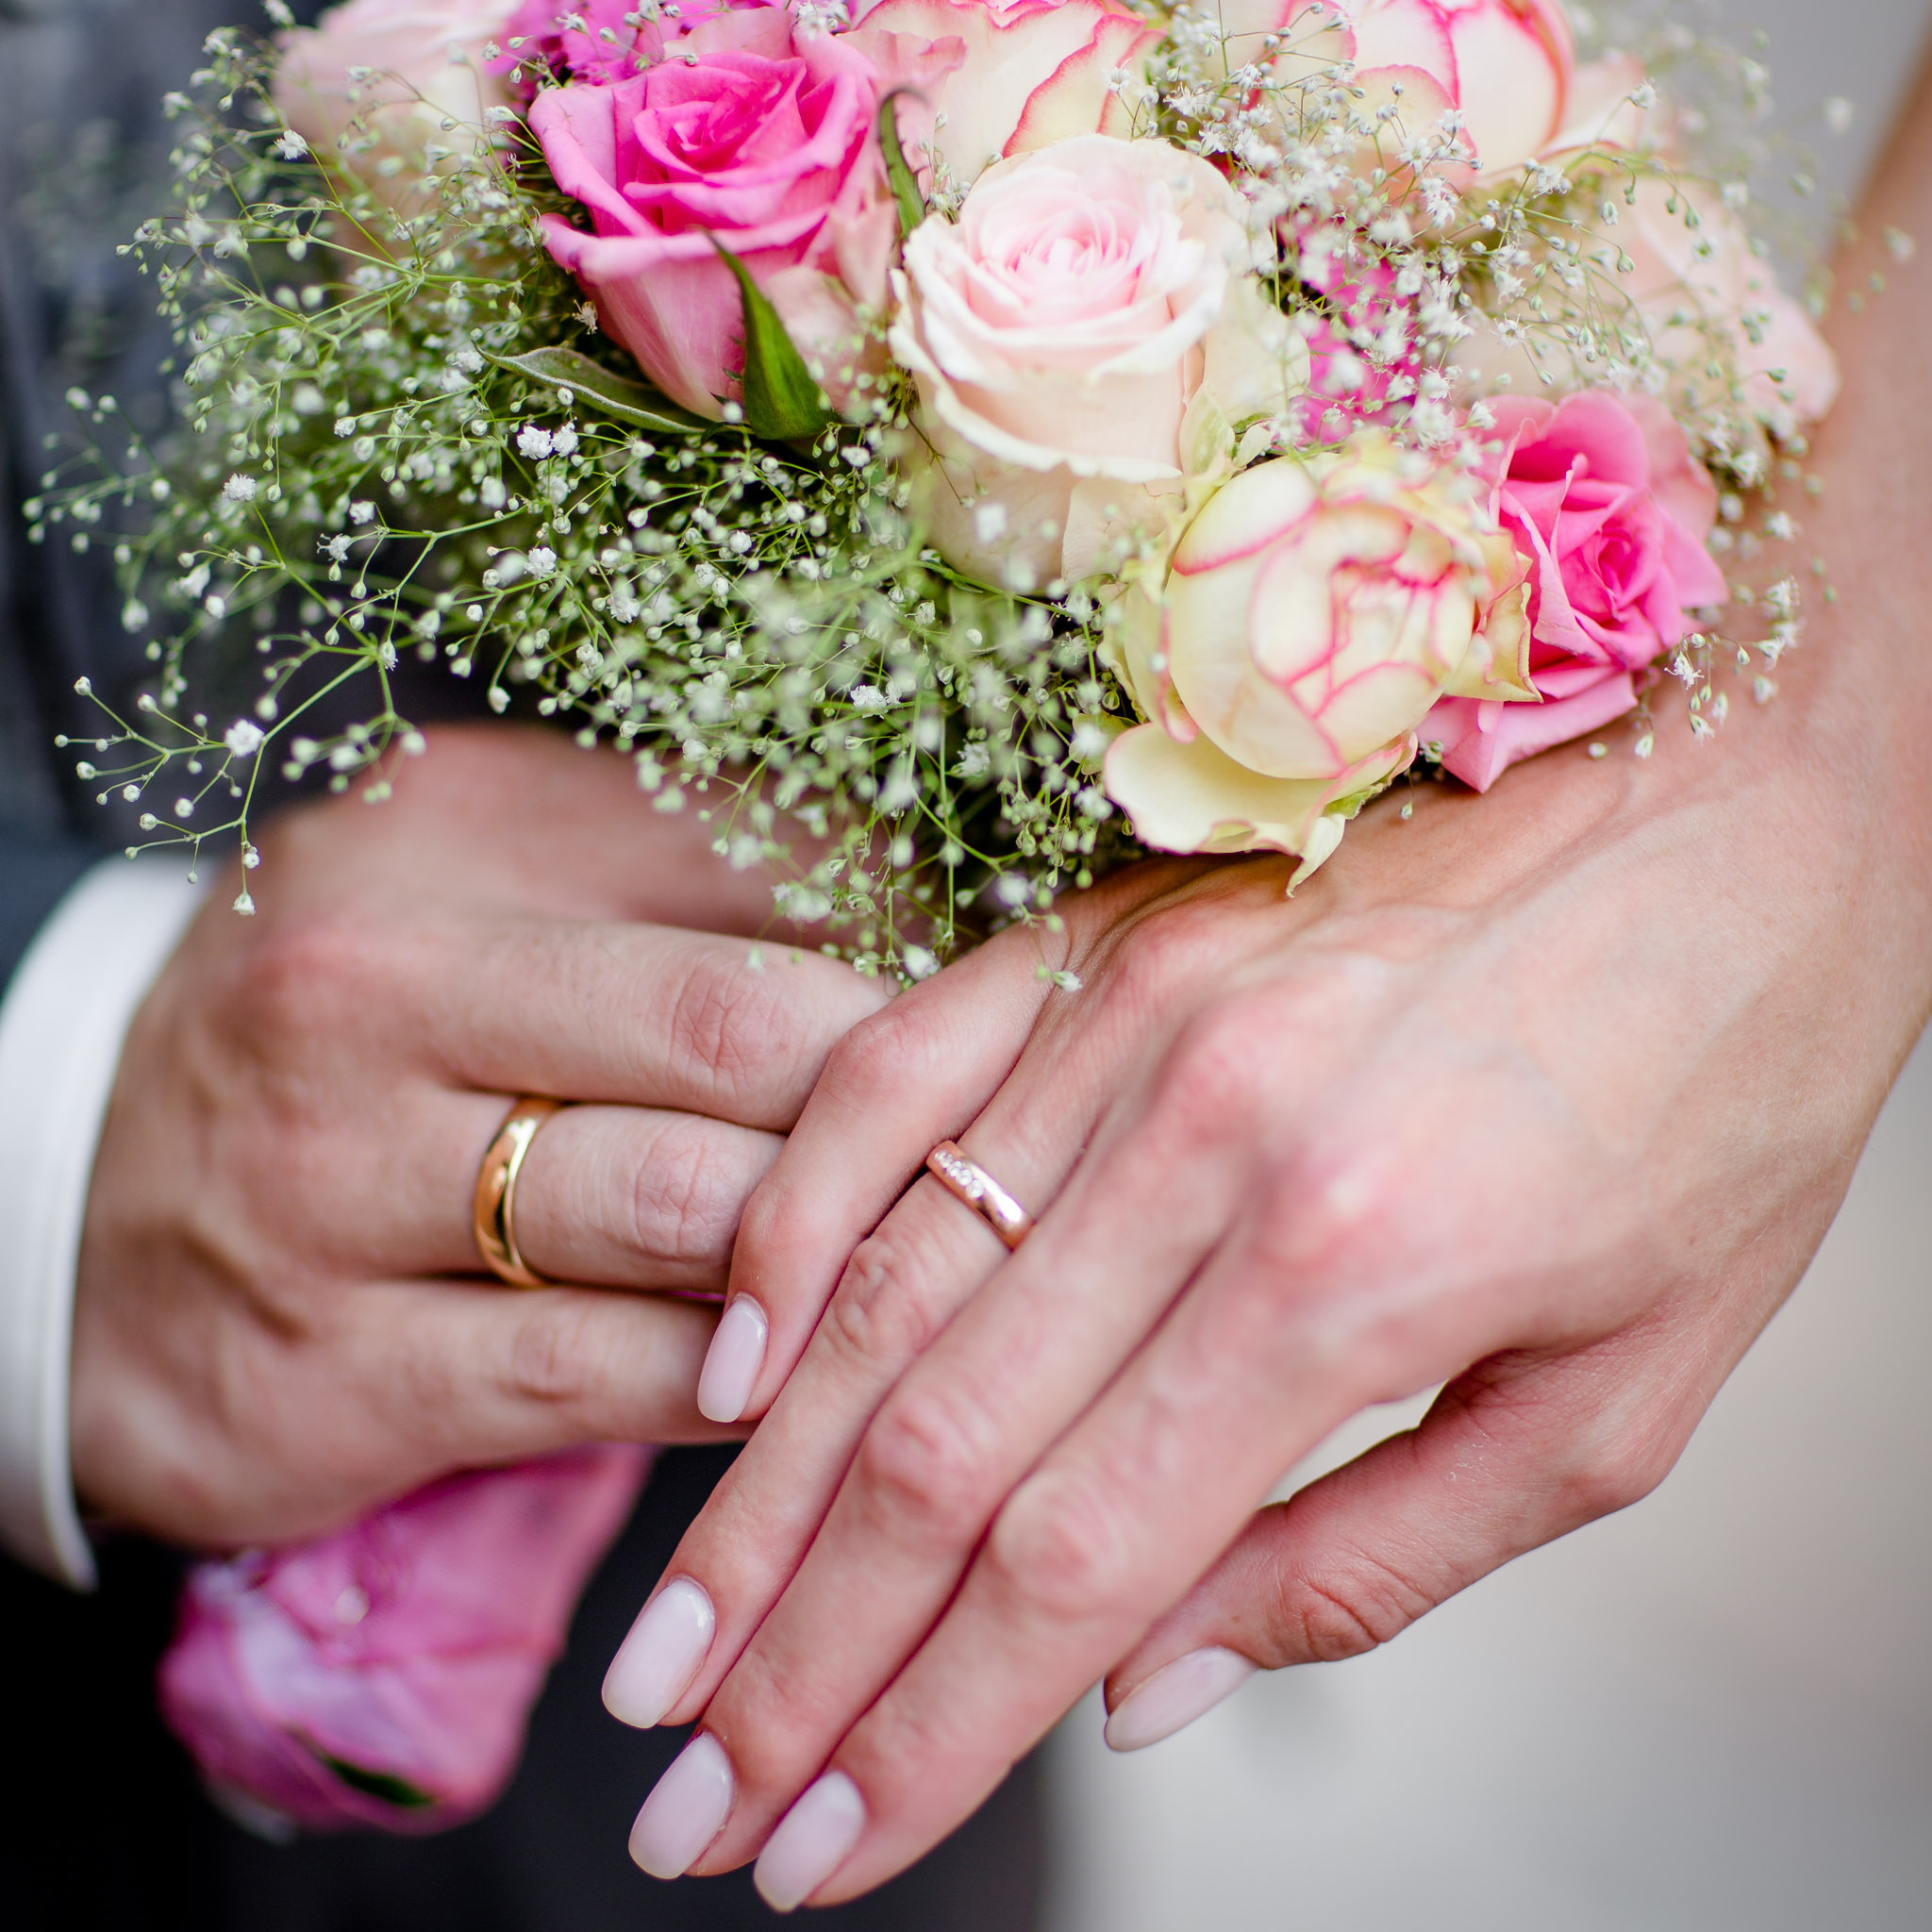 Eheringe und Brautstrauß